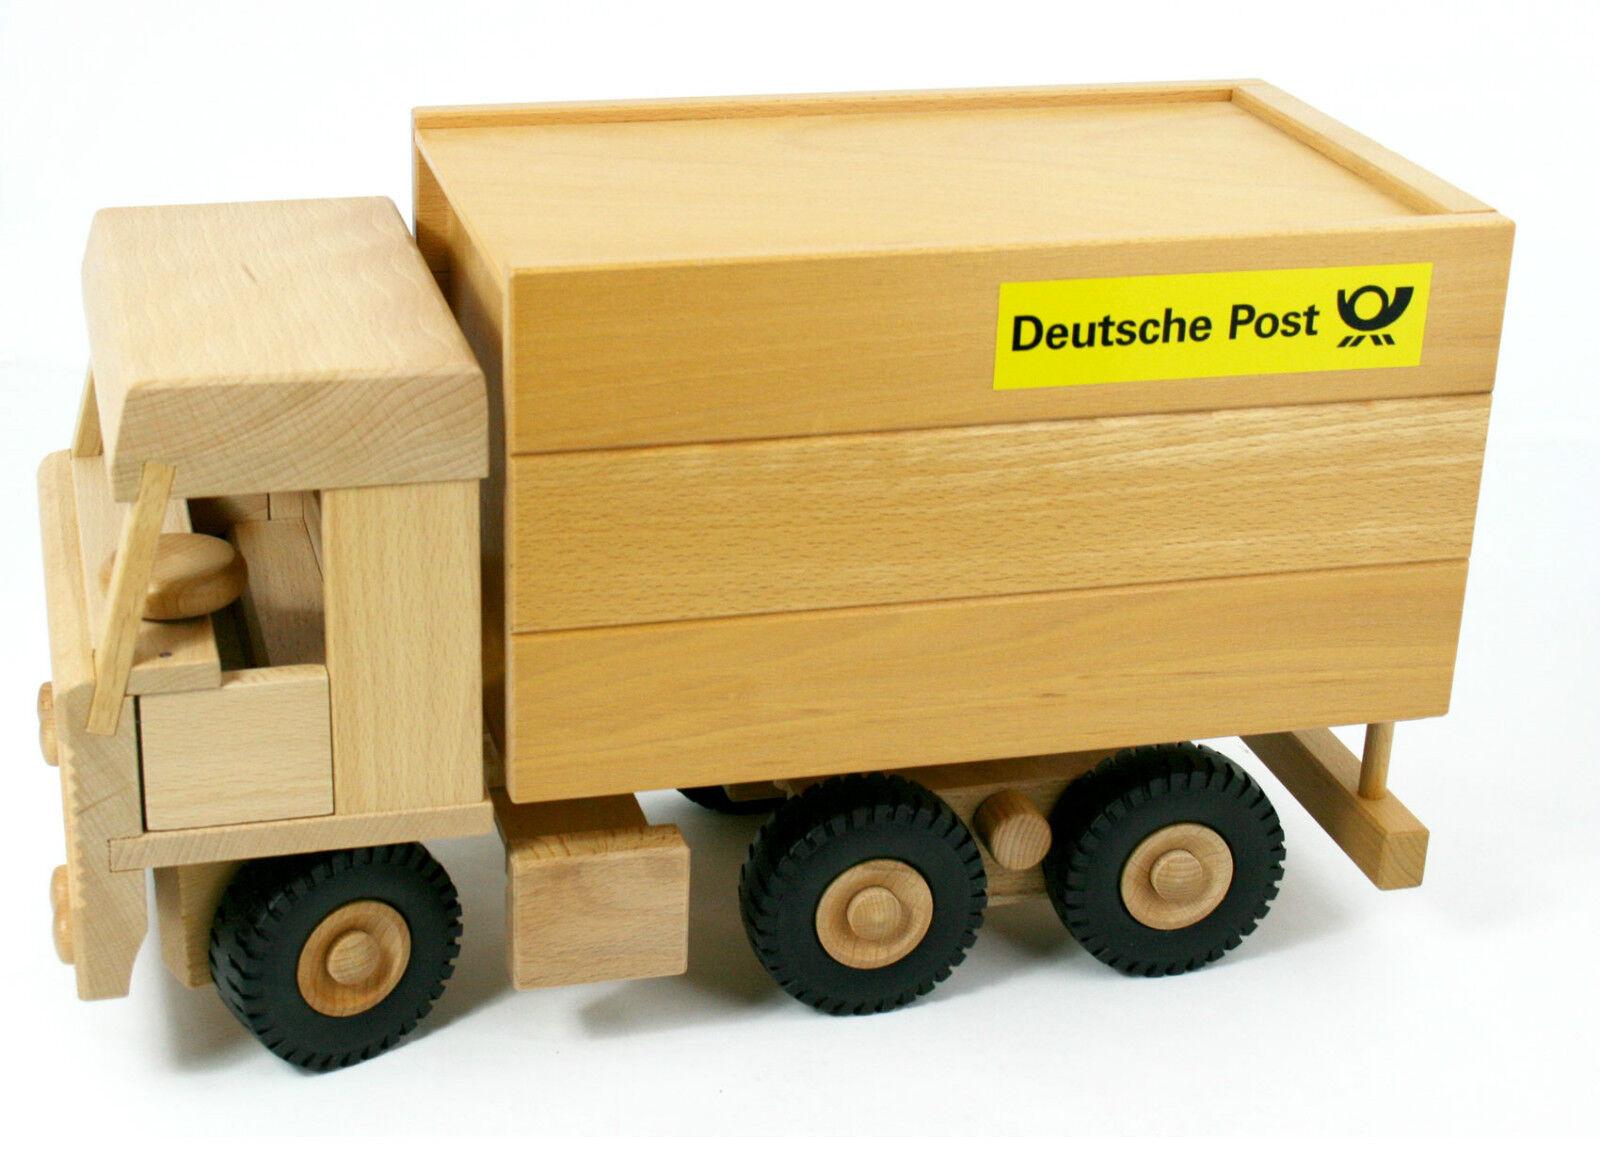 Drewa Fahrzeug LKW Post aus Holz Holz Holz Lastwagen lenkbar 3-Achs Koffer 8v NEU 6798f3